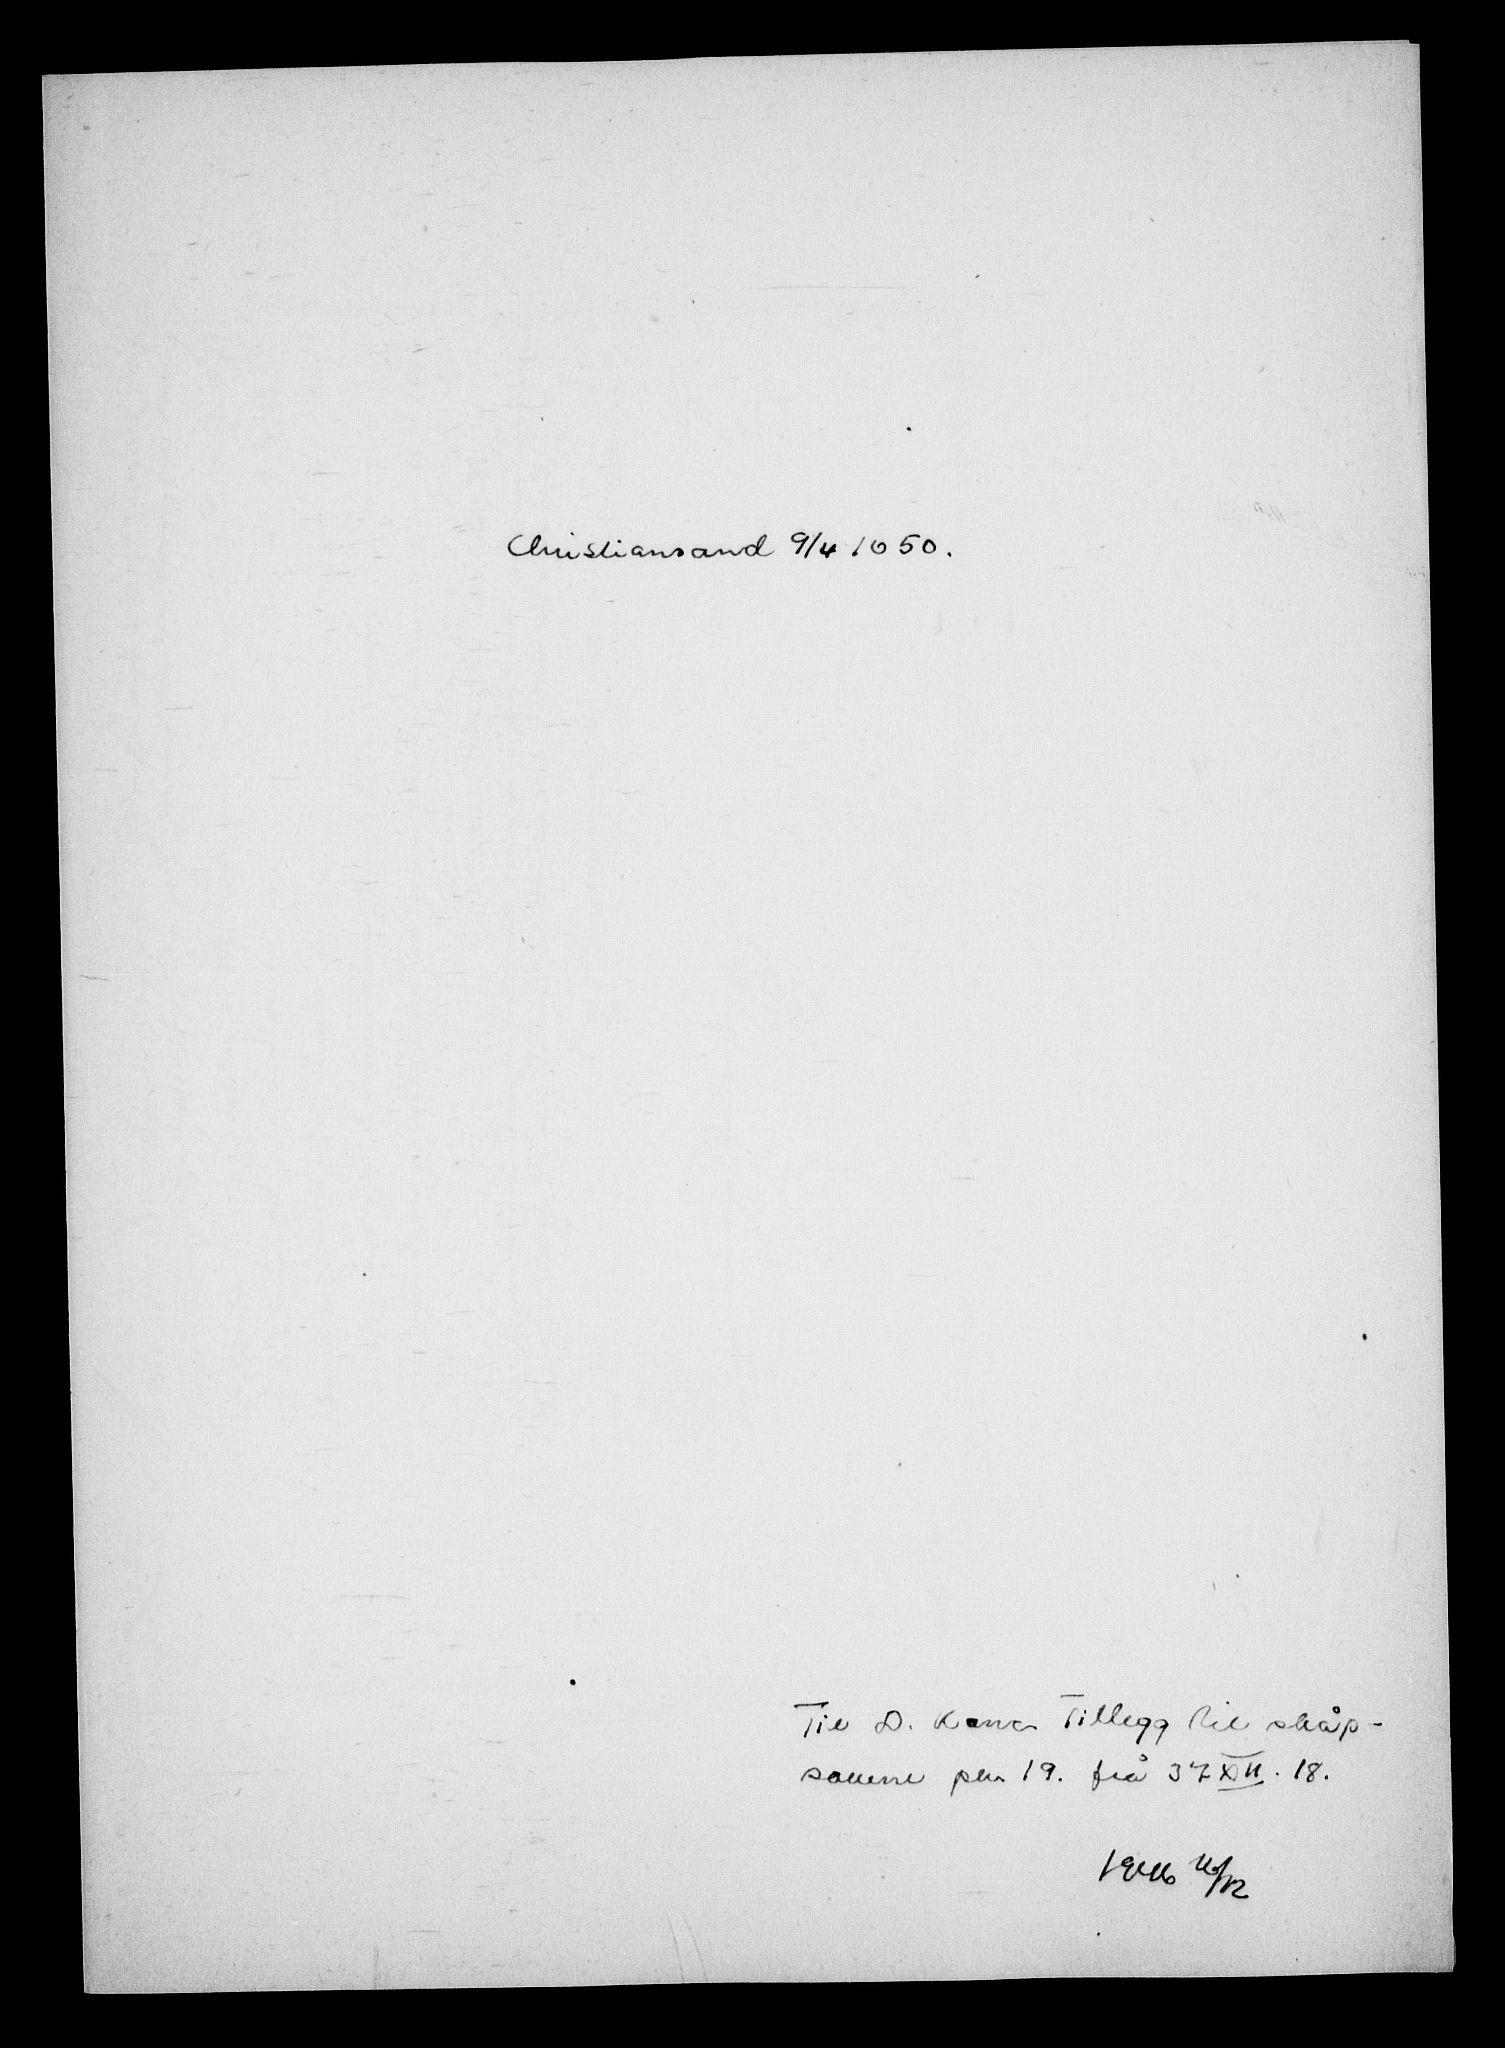 RA, Danske Kanselli, Skapsaker, G/L0019: Tillegg til skapsakene, 1616-1753, s. 138